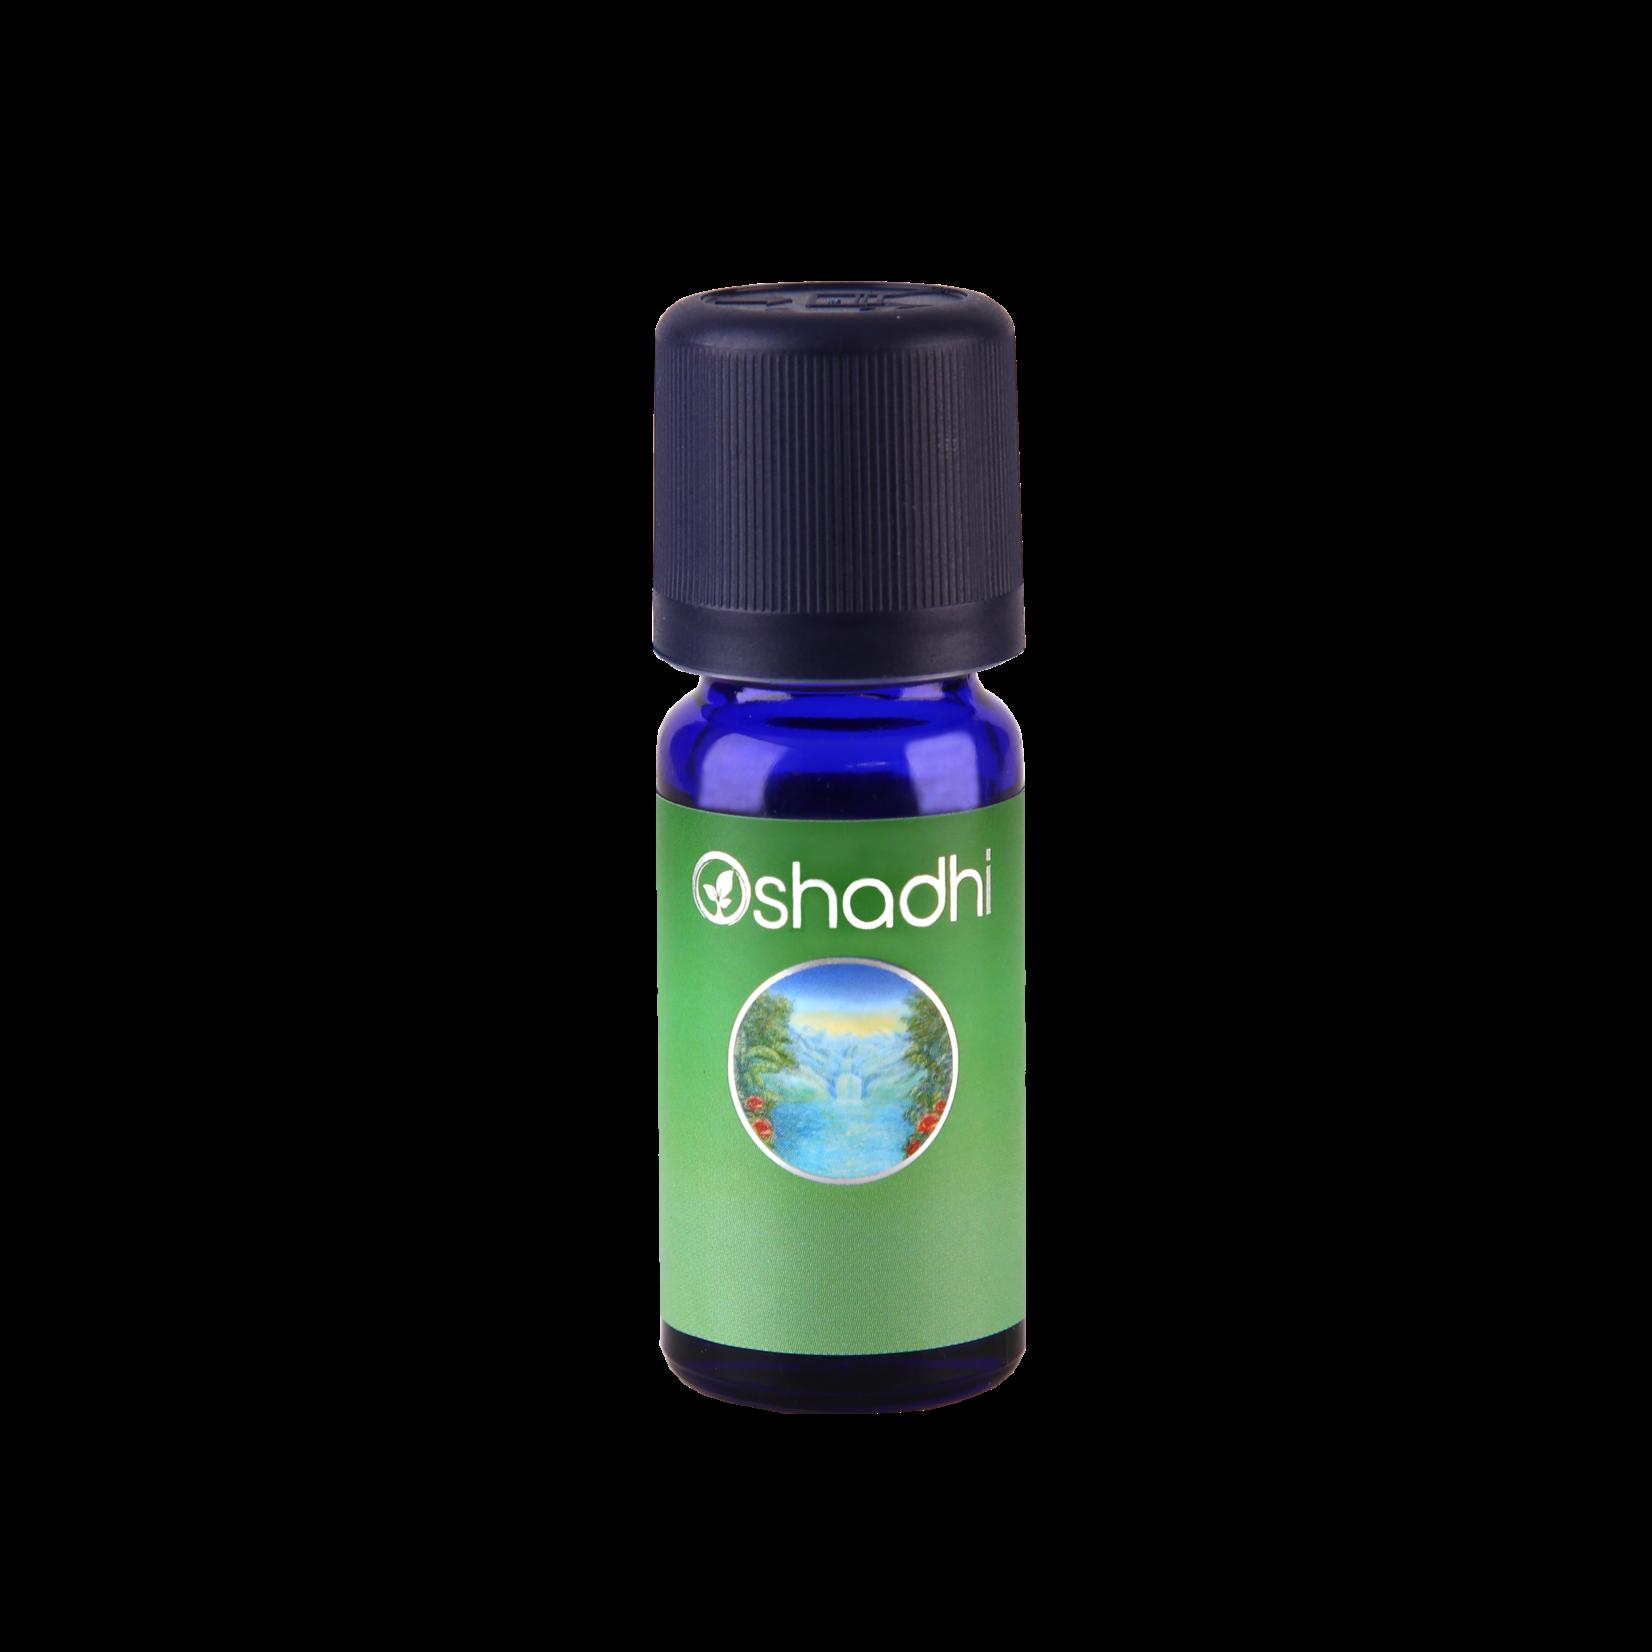 Oshadhi Synergie Puur Oshadhi - zuiver & preventief 10ml